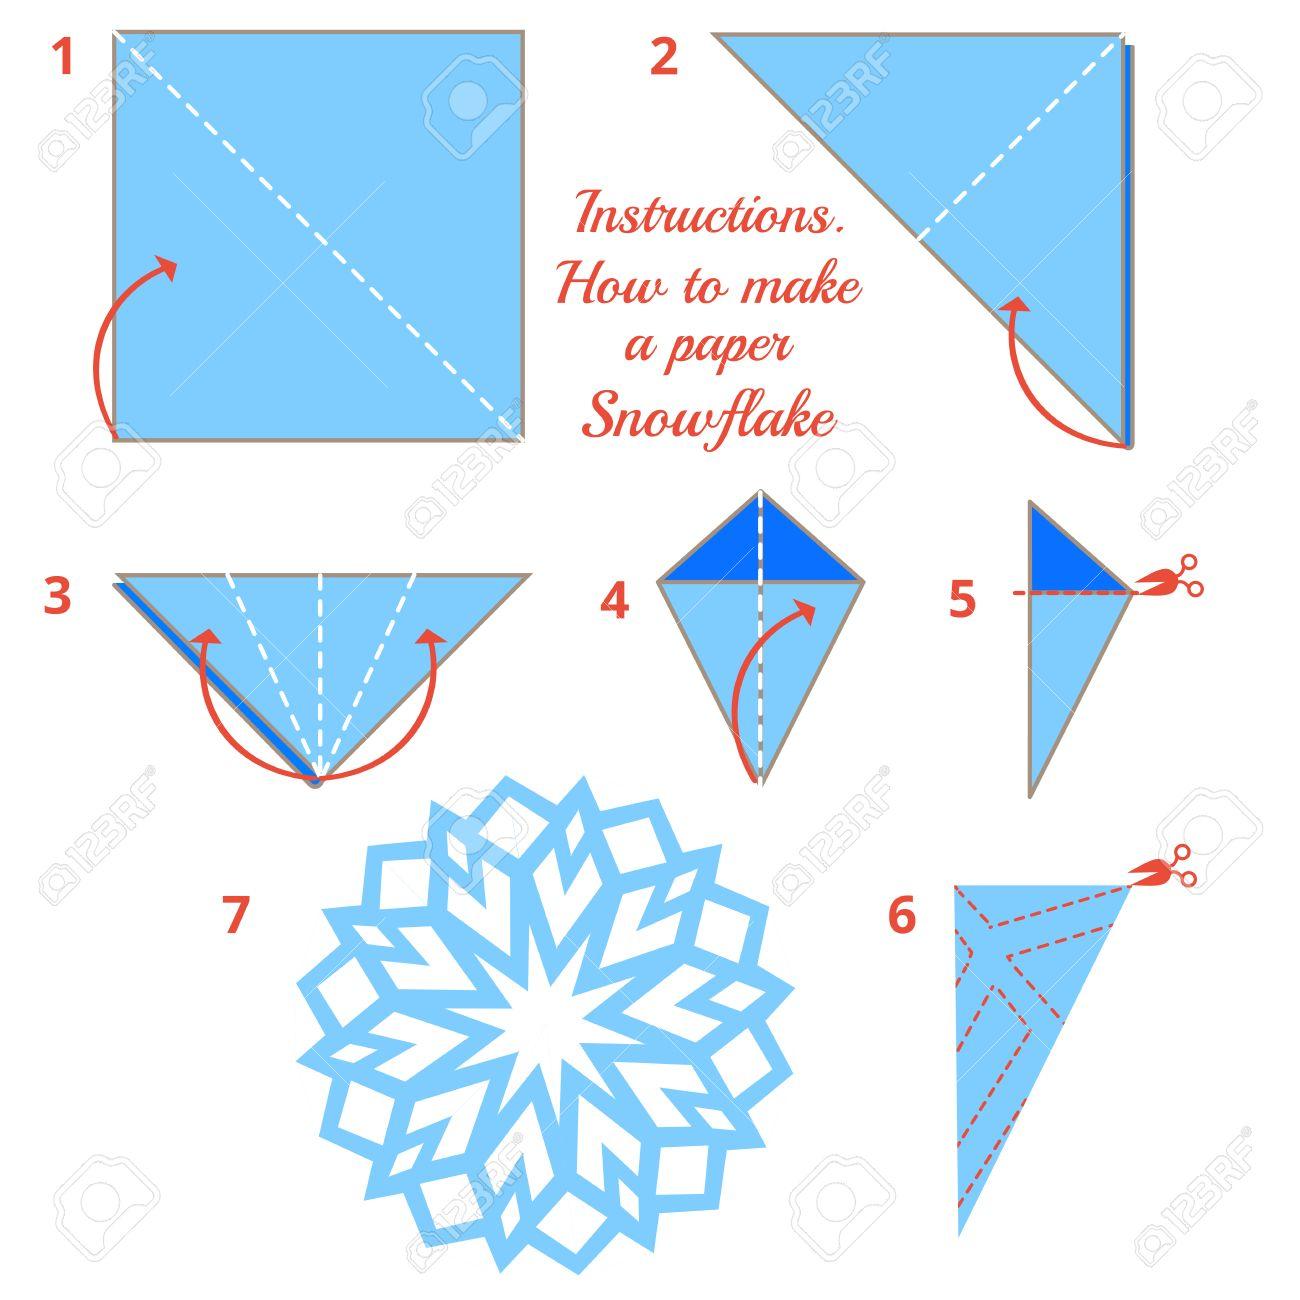 Видео как сделать снежинки из бумаги схемы